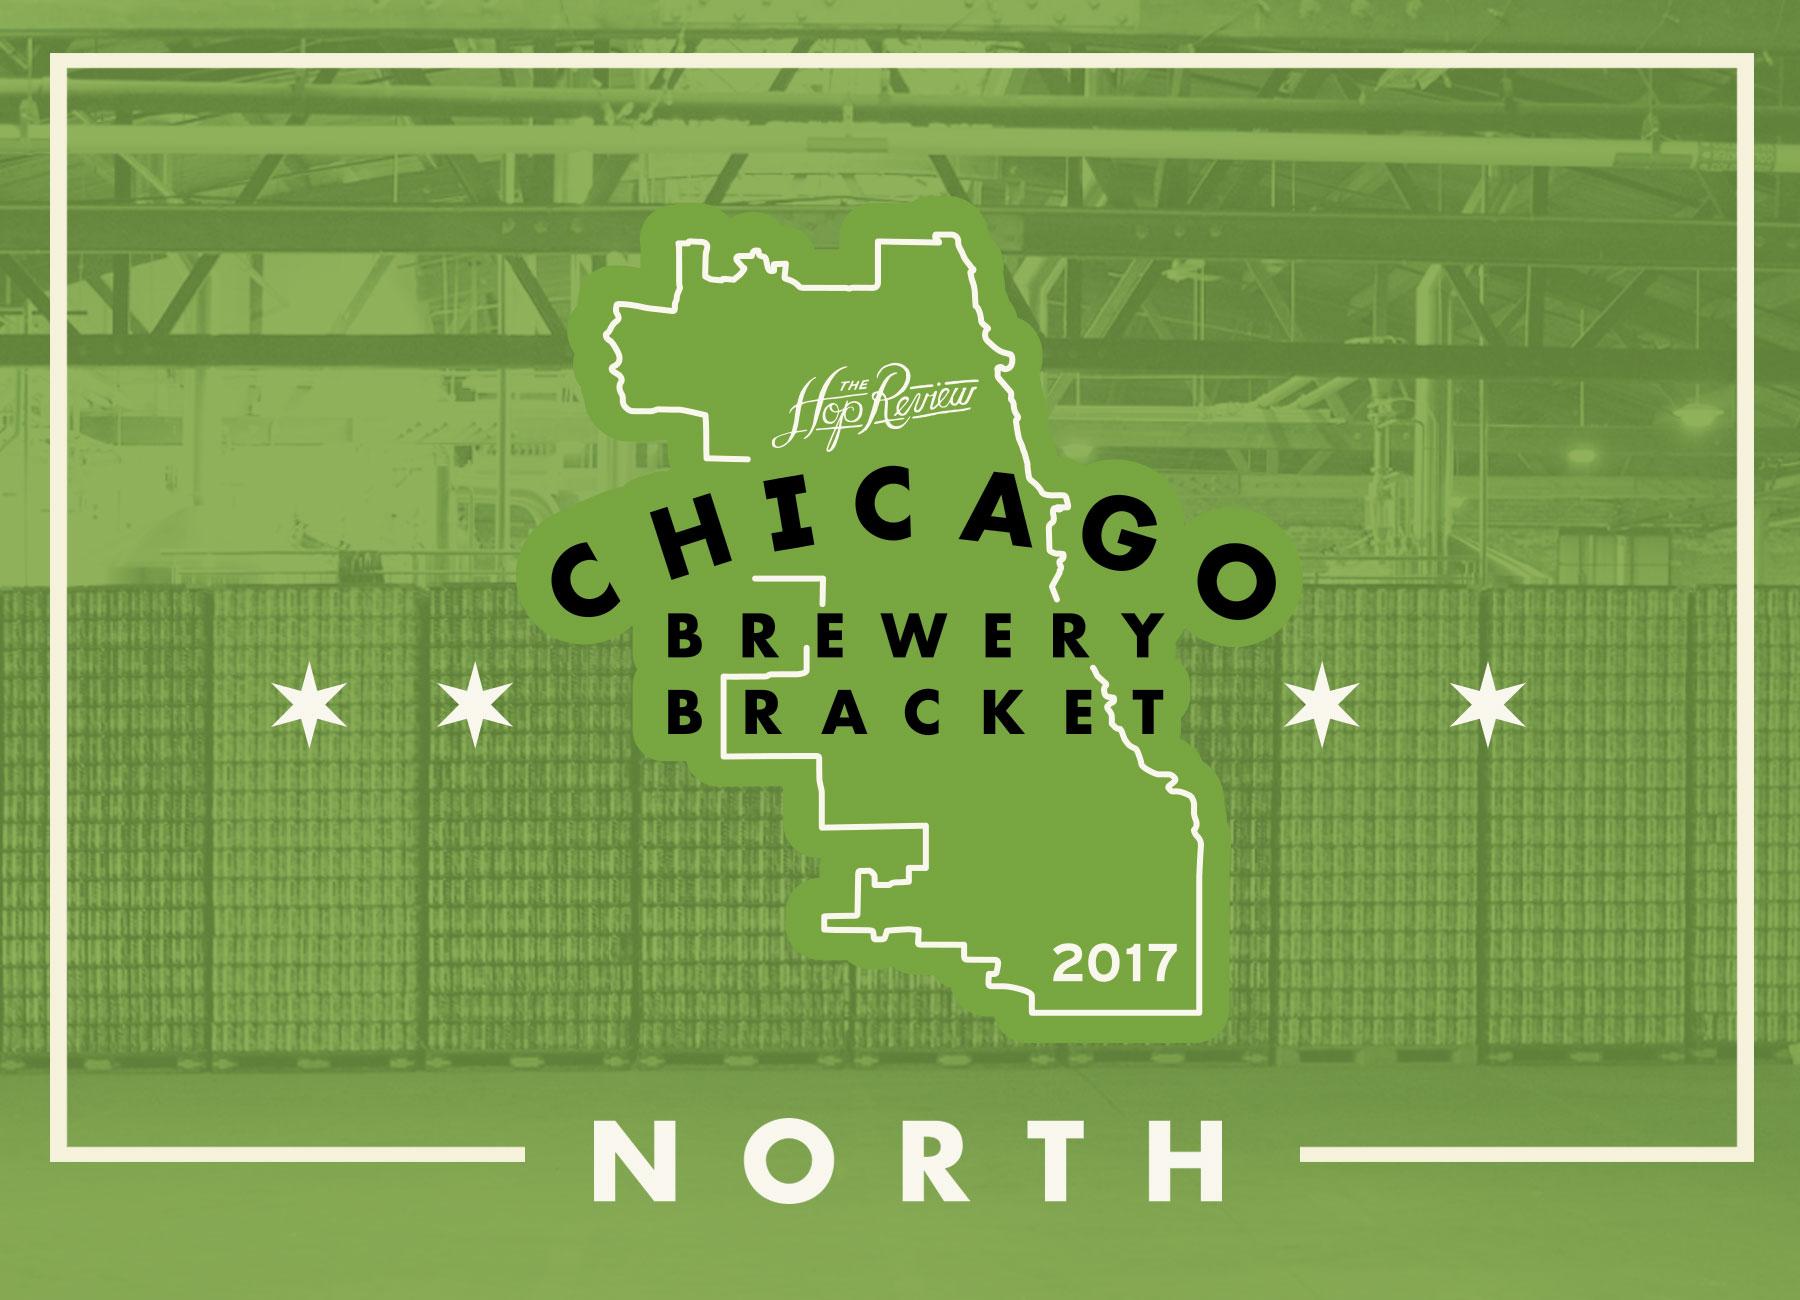 Chicago Brewery Bracket: North – Rd. 1